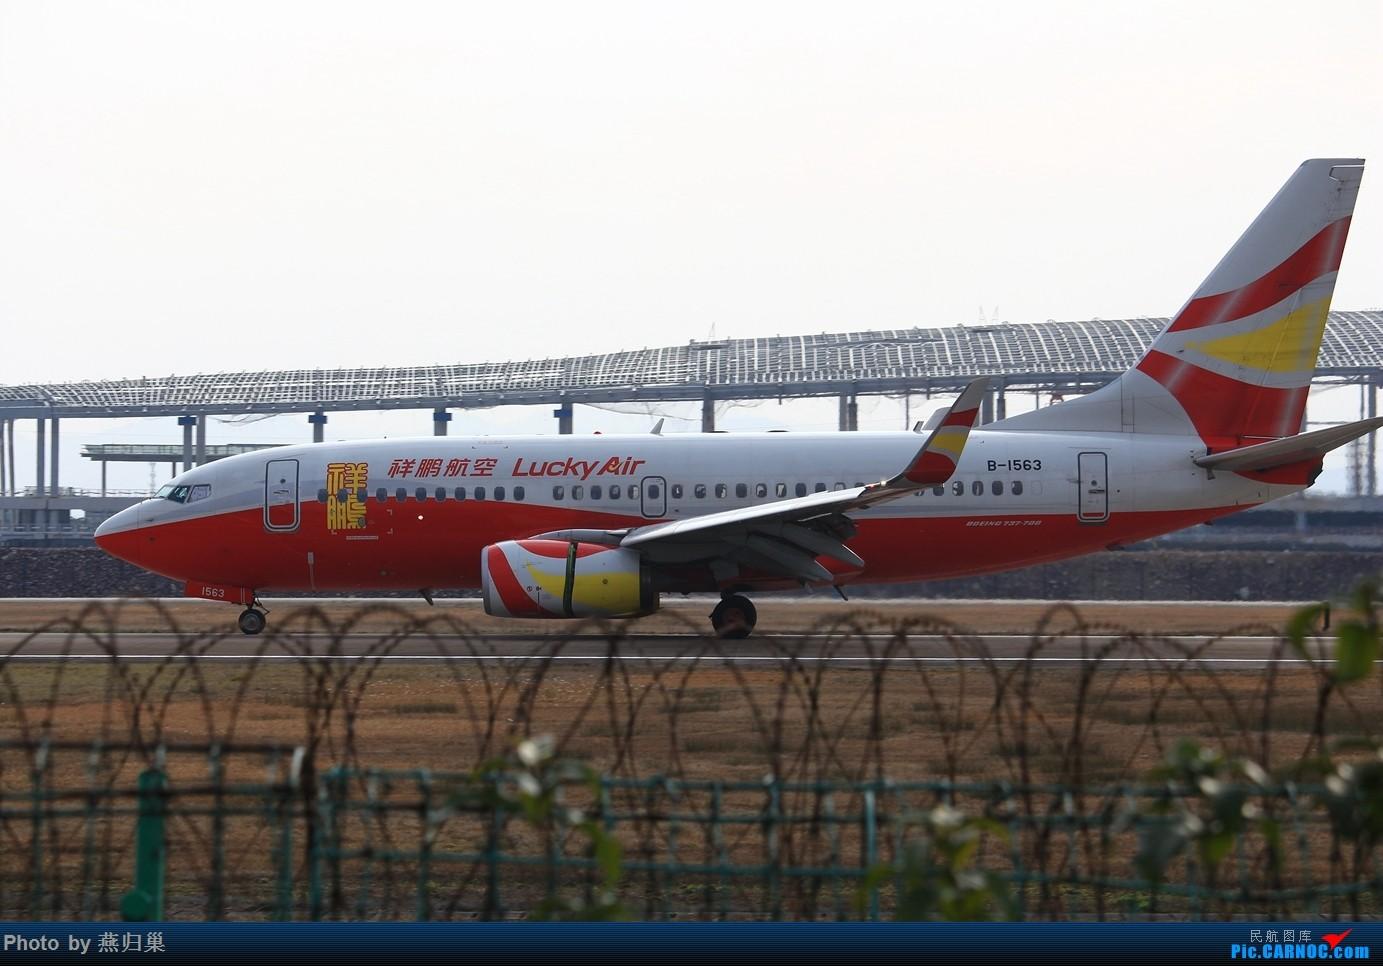 Re:[原创]【宁波飞友会】年前NGB拍机合集 BOEING 737-700 B-1563 中国宁波栎社国际机场